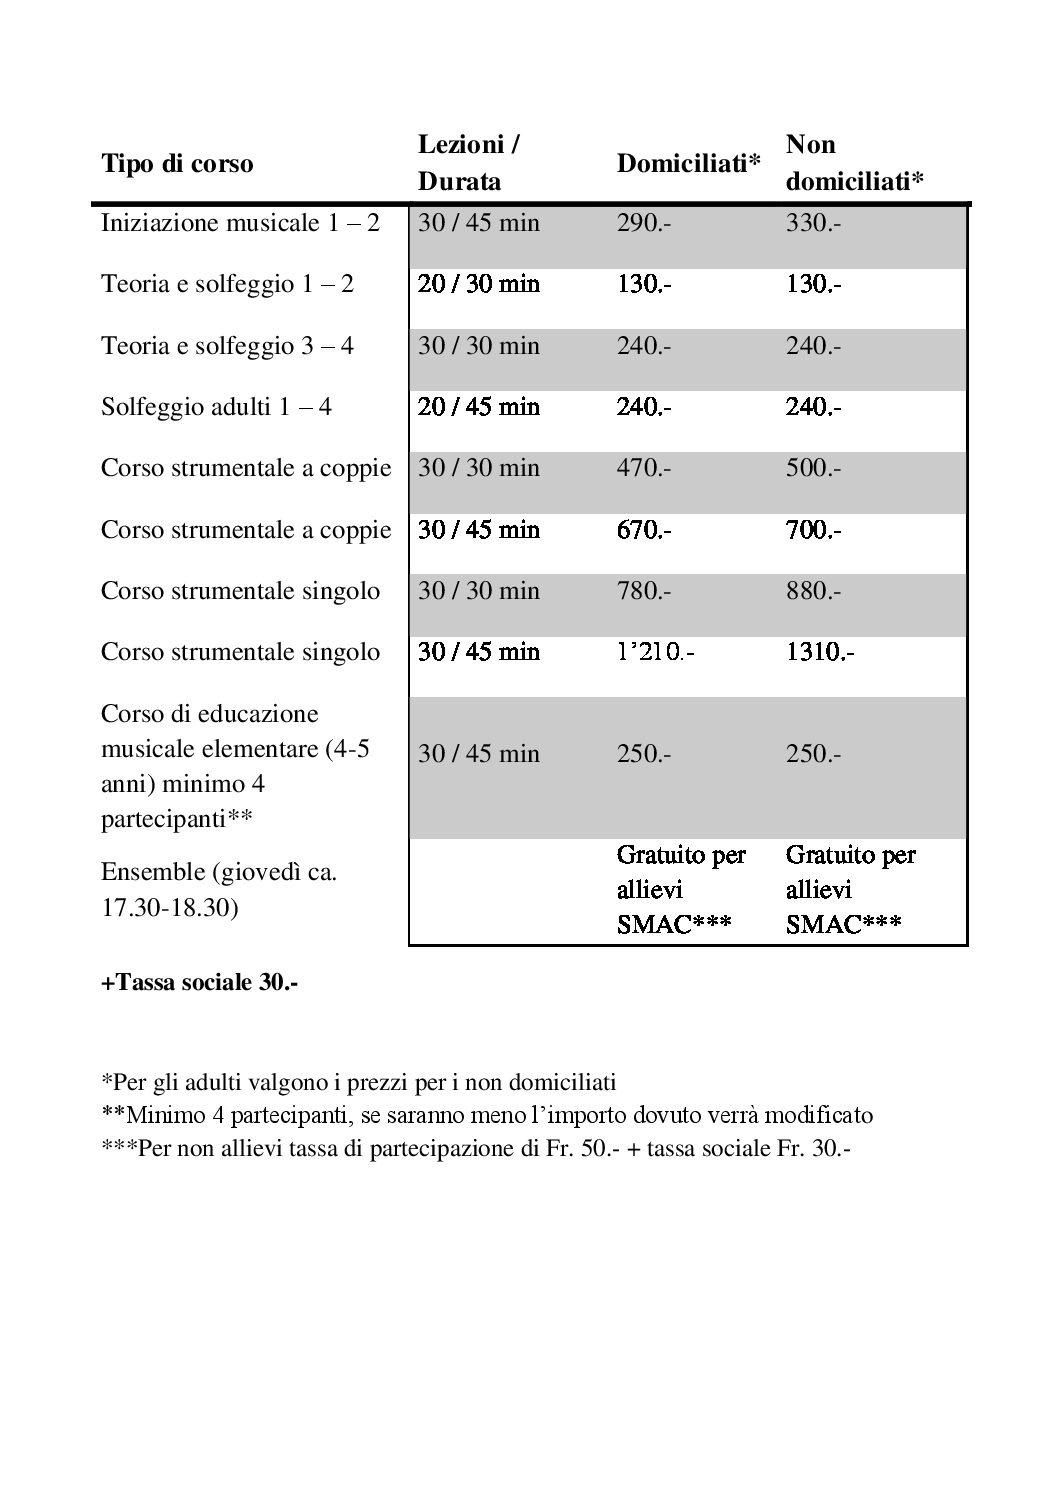 Tabella corsi e prezzi